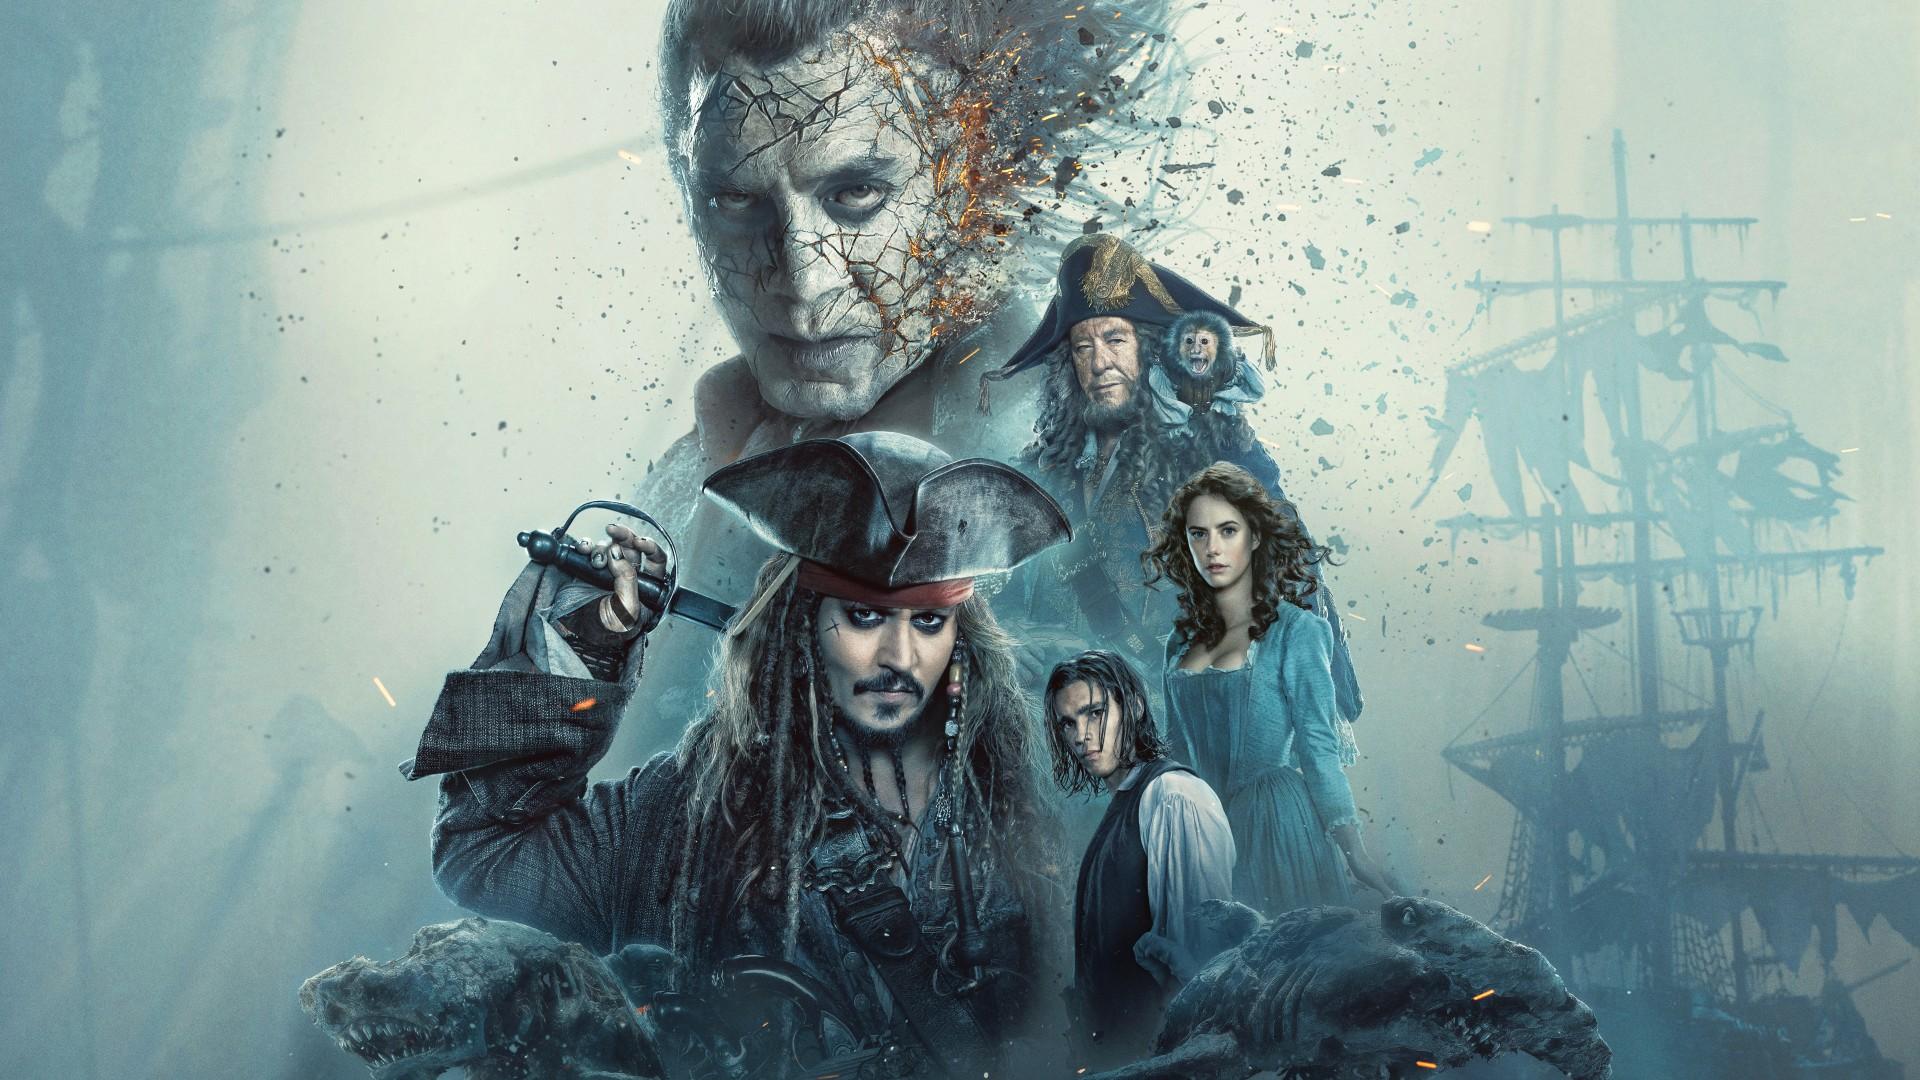 3d Desktop Wallpaper Superman Hd Pirates Of The Caribbean Dead Men Tell No Tales 5k